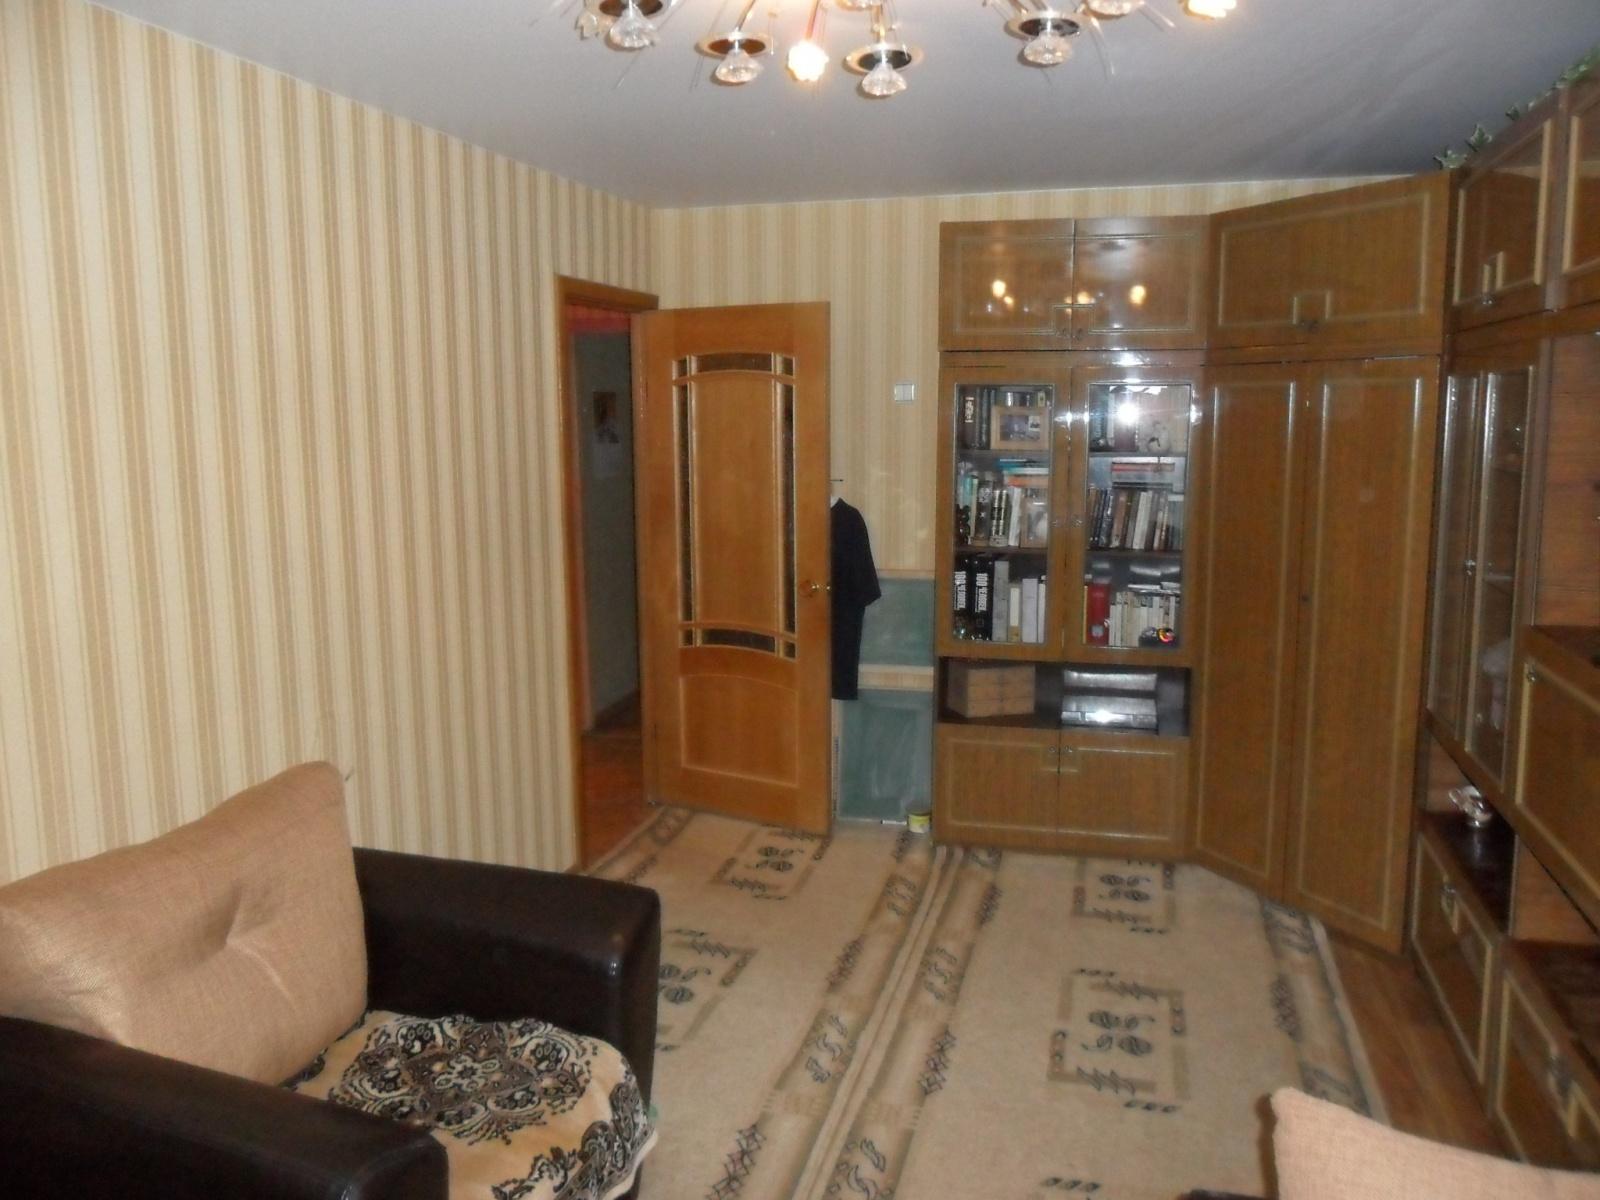 Где выгодно снять хорошую однокомнатную квартиру в Киеве